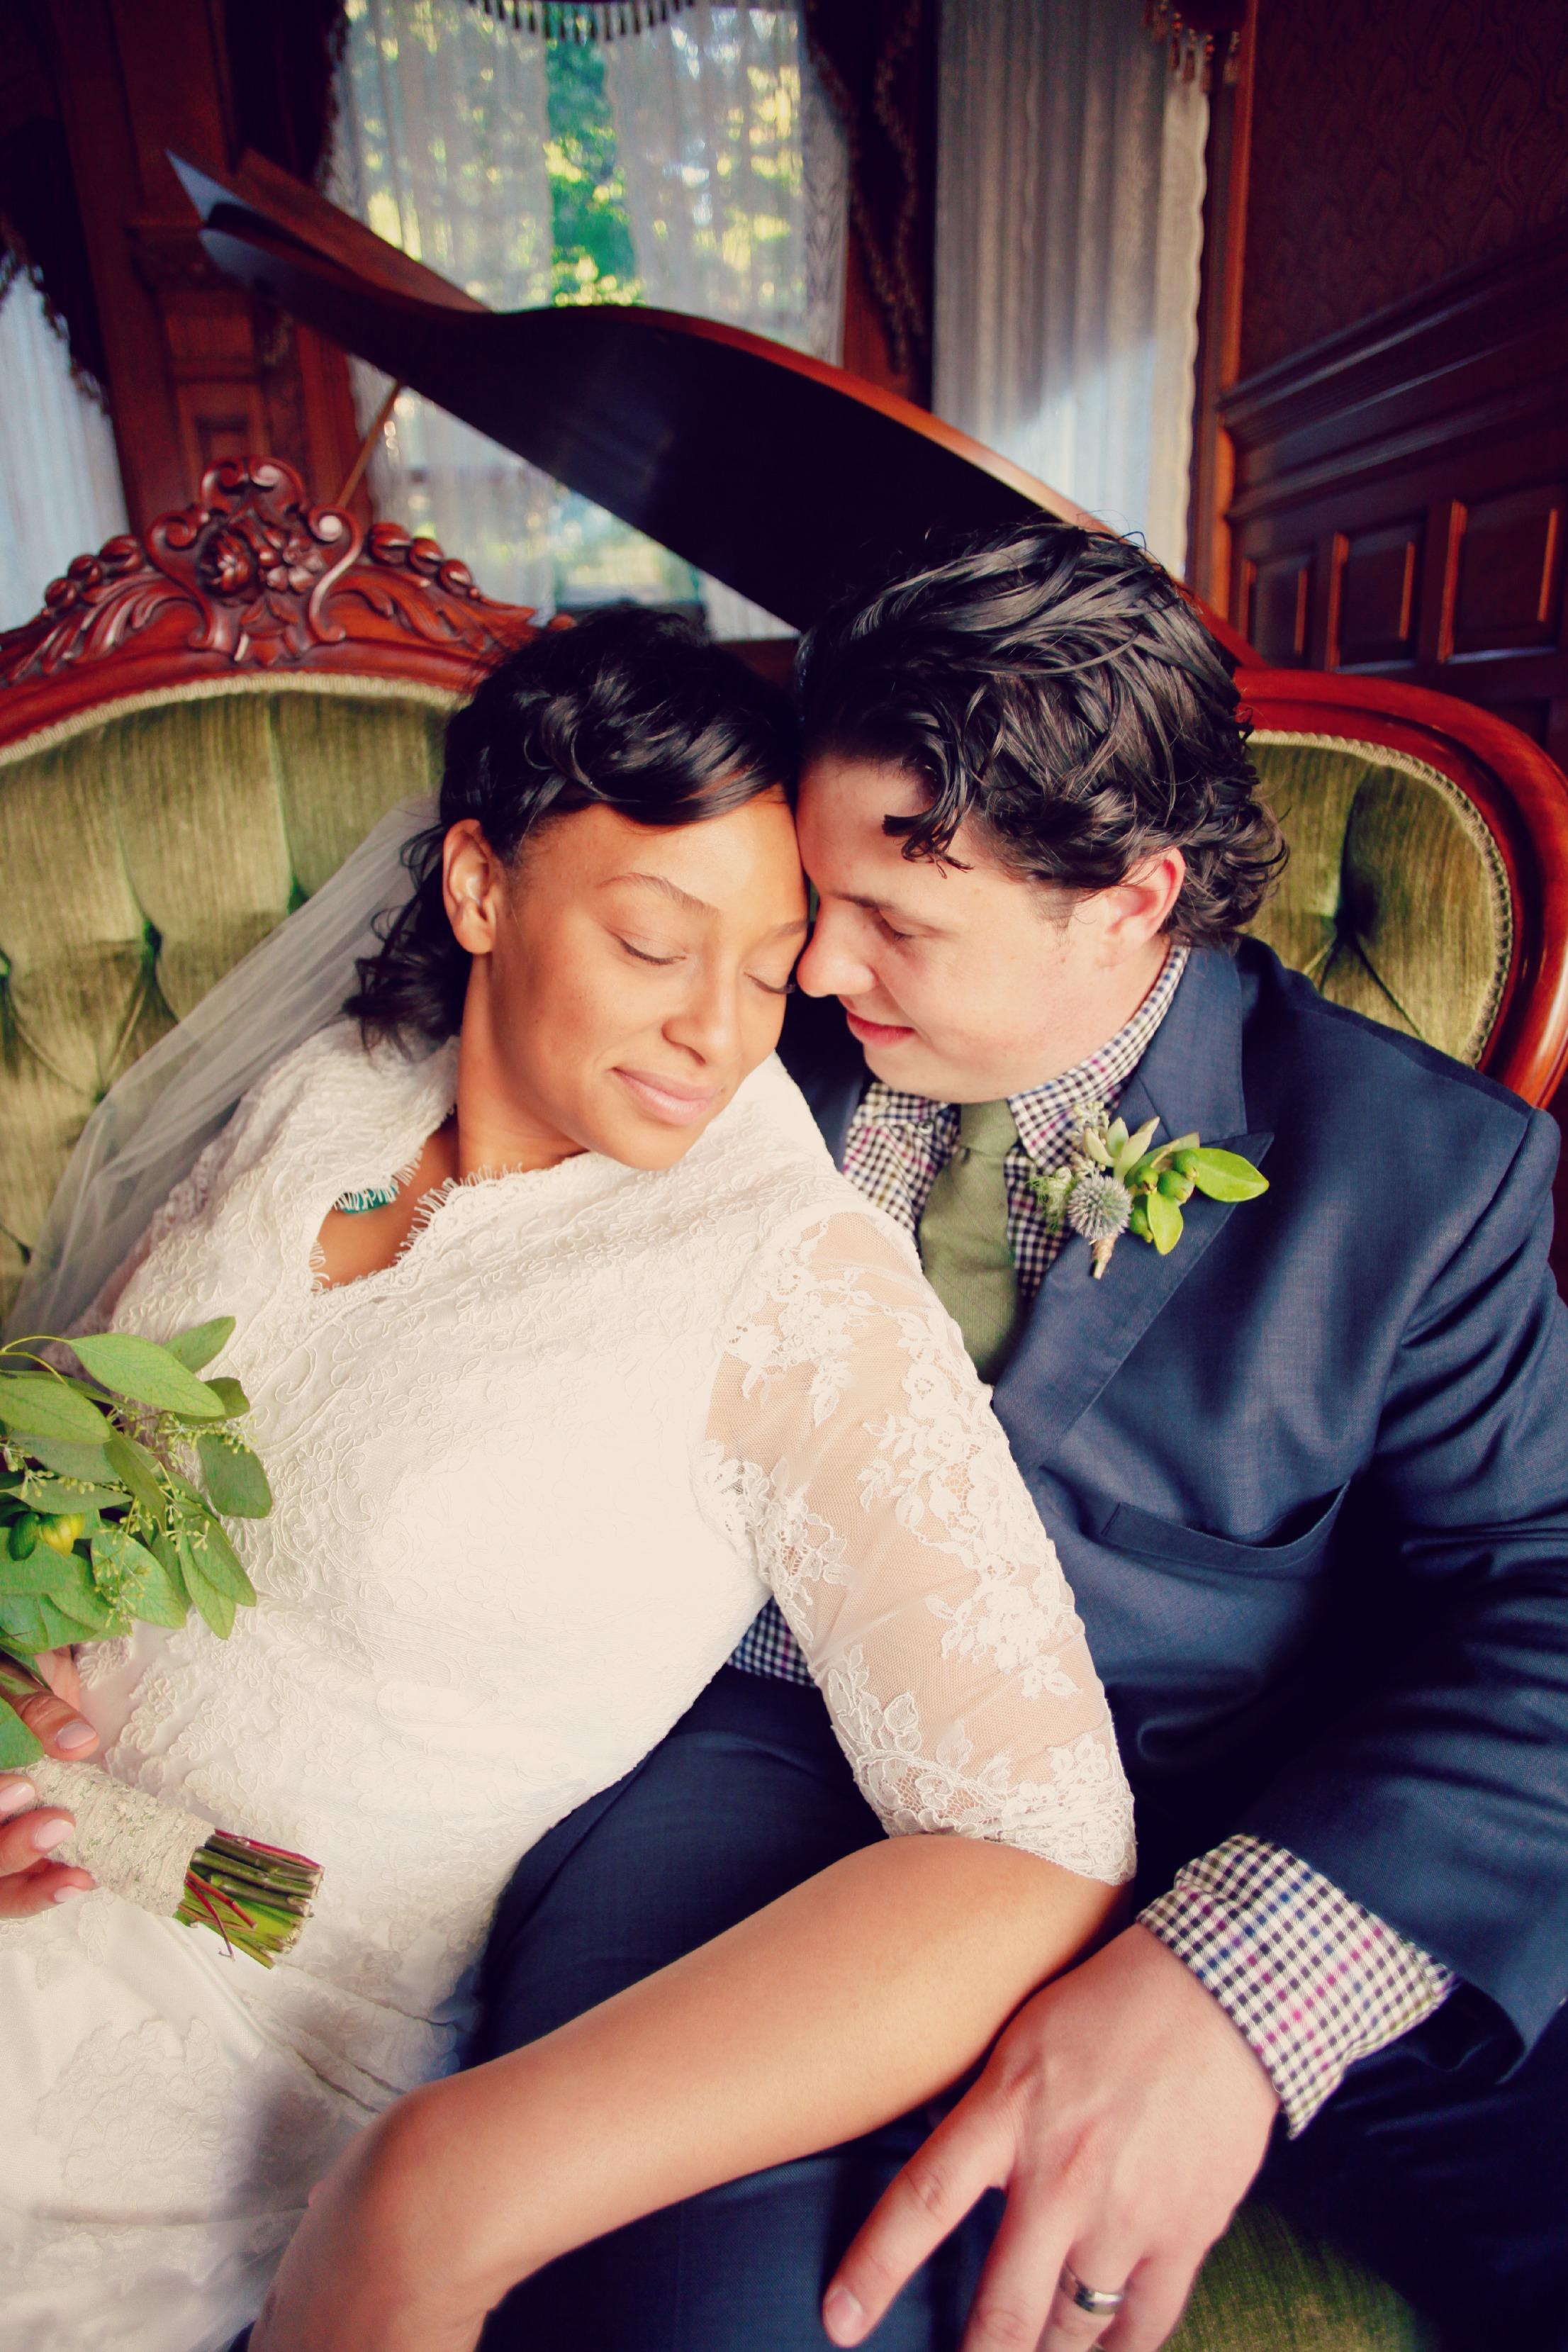 My Modest Wedding Dress: Allure Bridals - MoMoMod - Modest Style ...